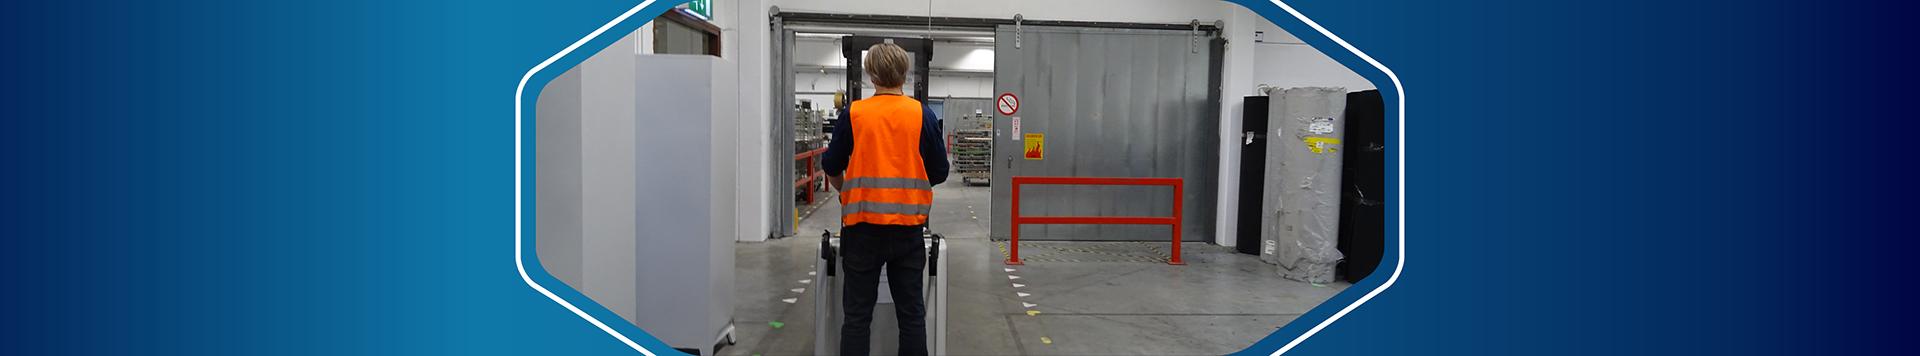 Vacature Werkvoorbereider Productie Header Berco Schijndel Meierijstad via XLIX Recruitment Heesch Bernheze